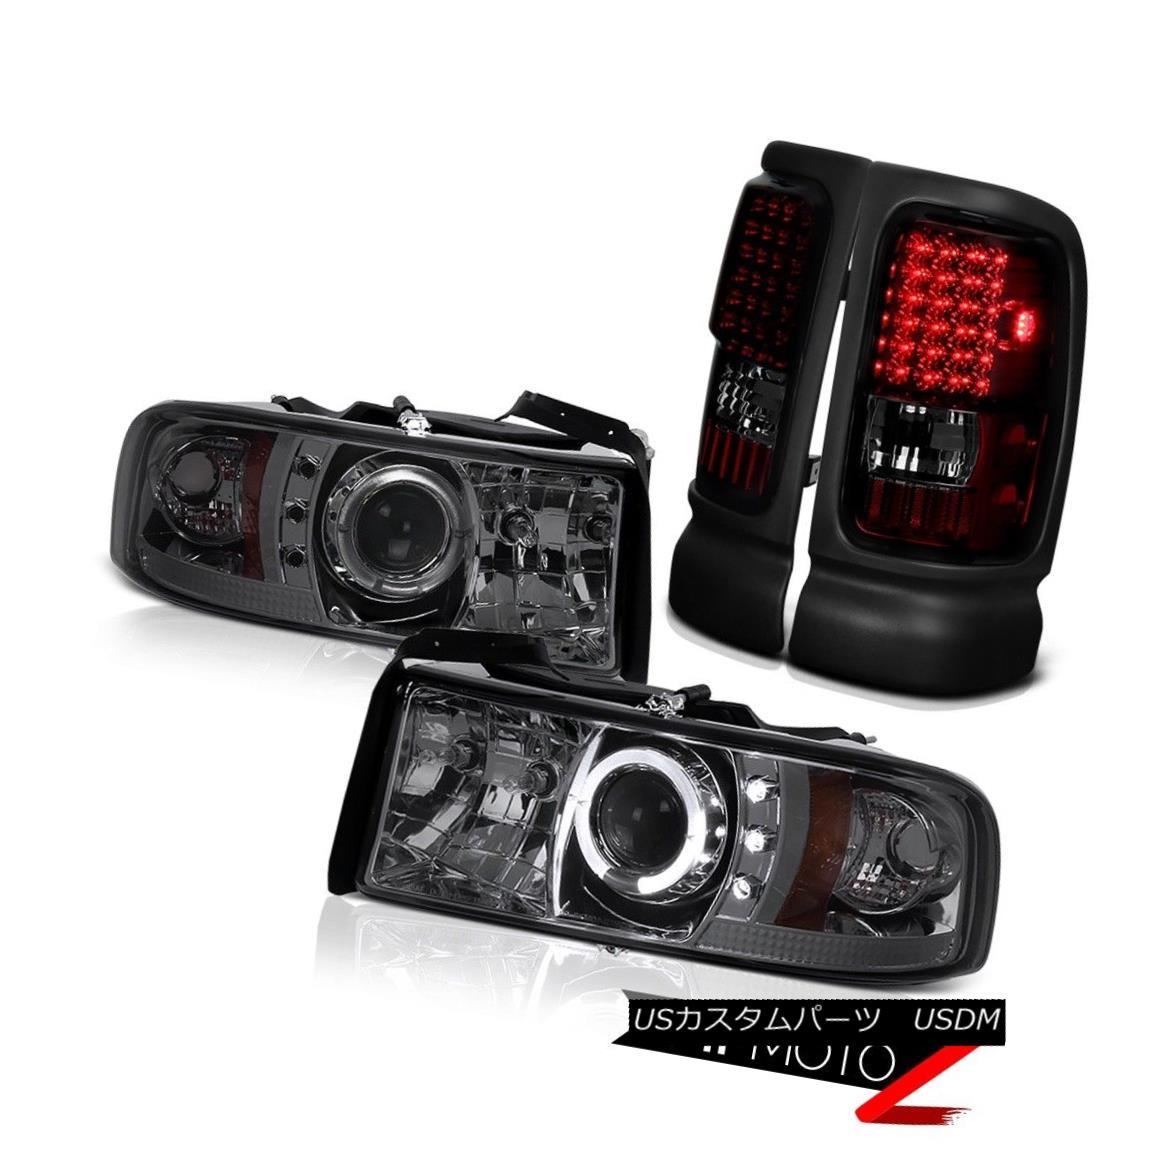 テールライト 98 99 00 01 Dodge Ram Smoke Tint Projector Head Lamps Red Smoke LED Tail Lights 98 99 00 01ダッジラムスモークティントプロジェクターヘッドランプレッドスモークLEDテールライト